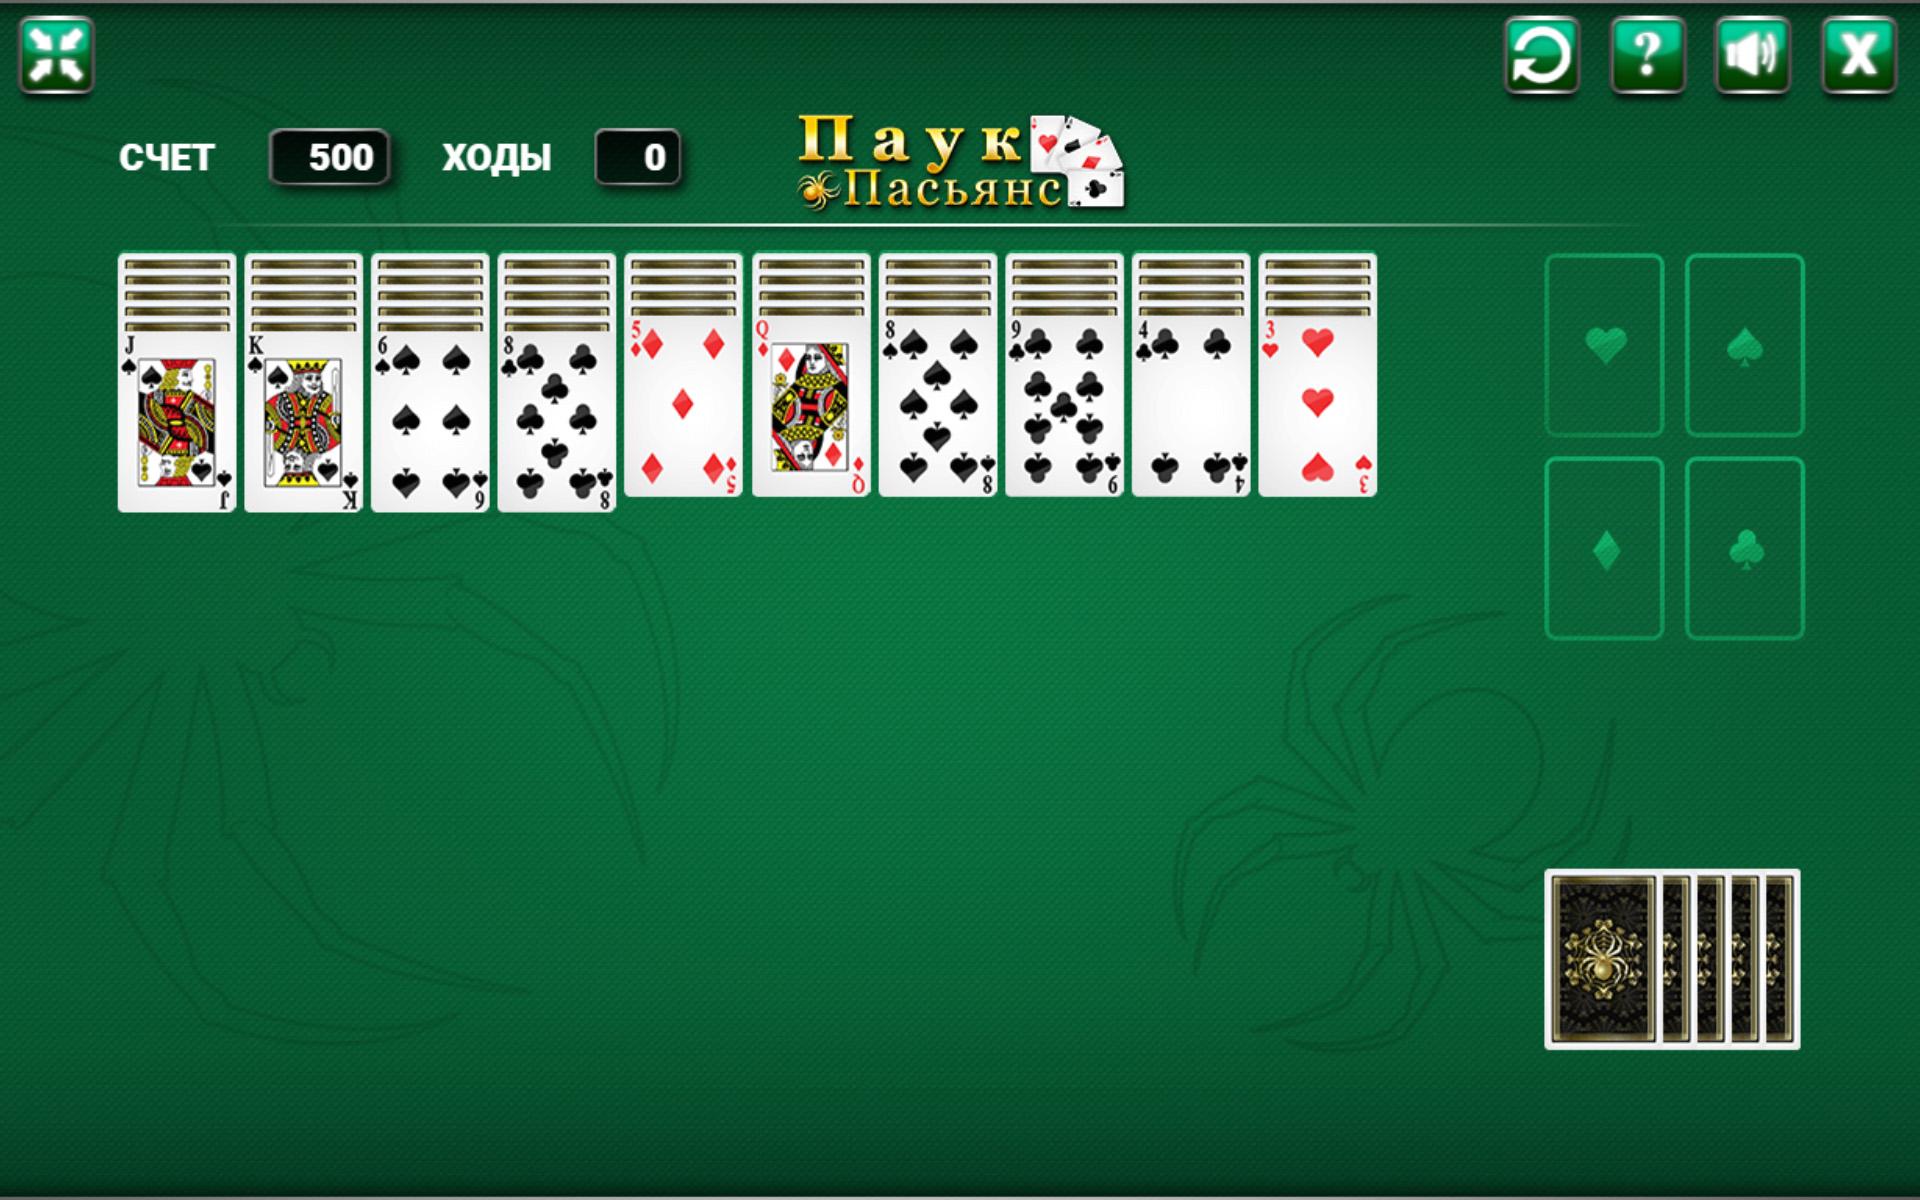 Флеш карты играть паук фараон казино клуб